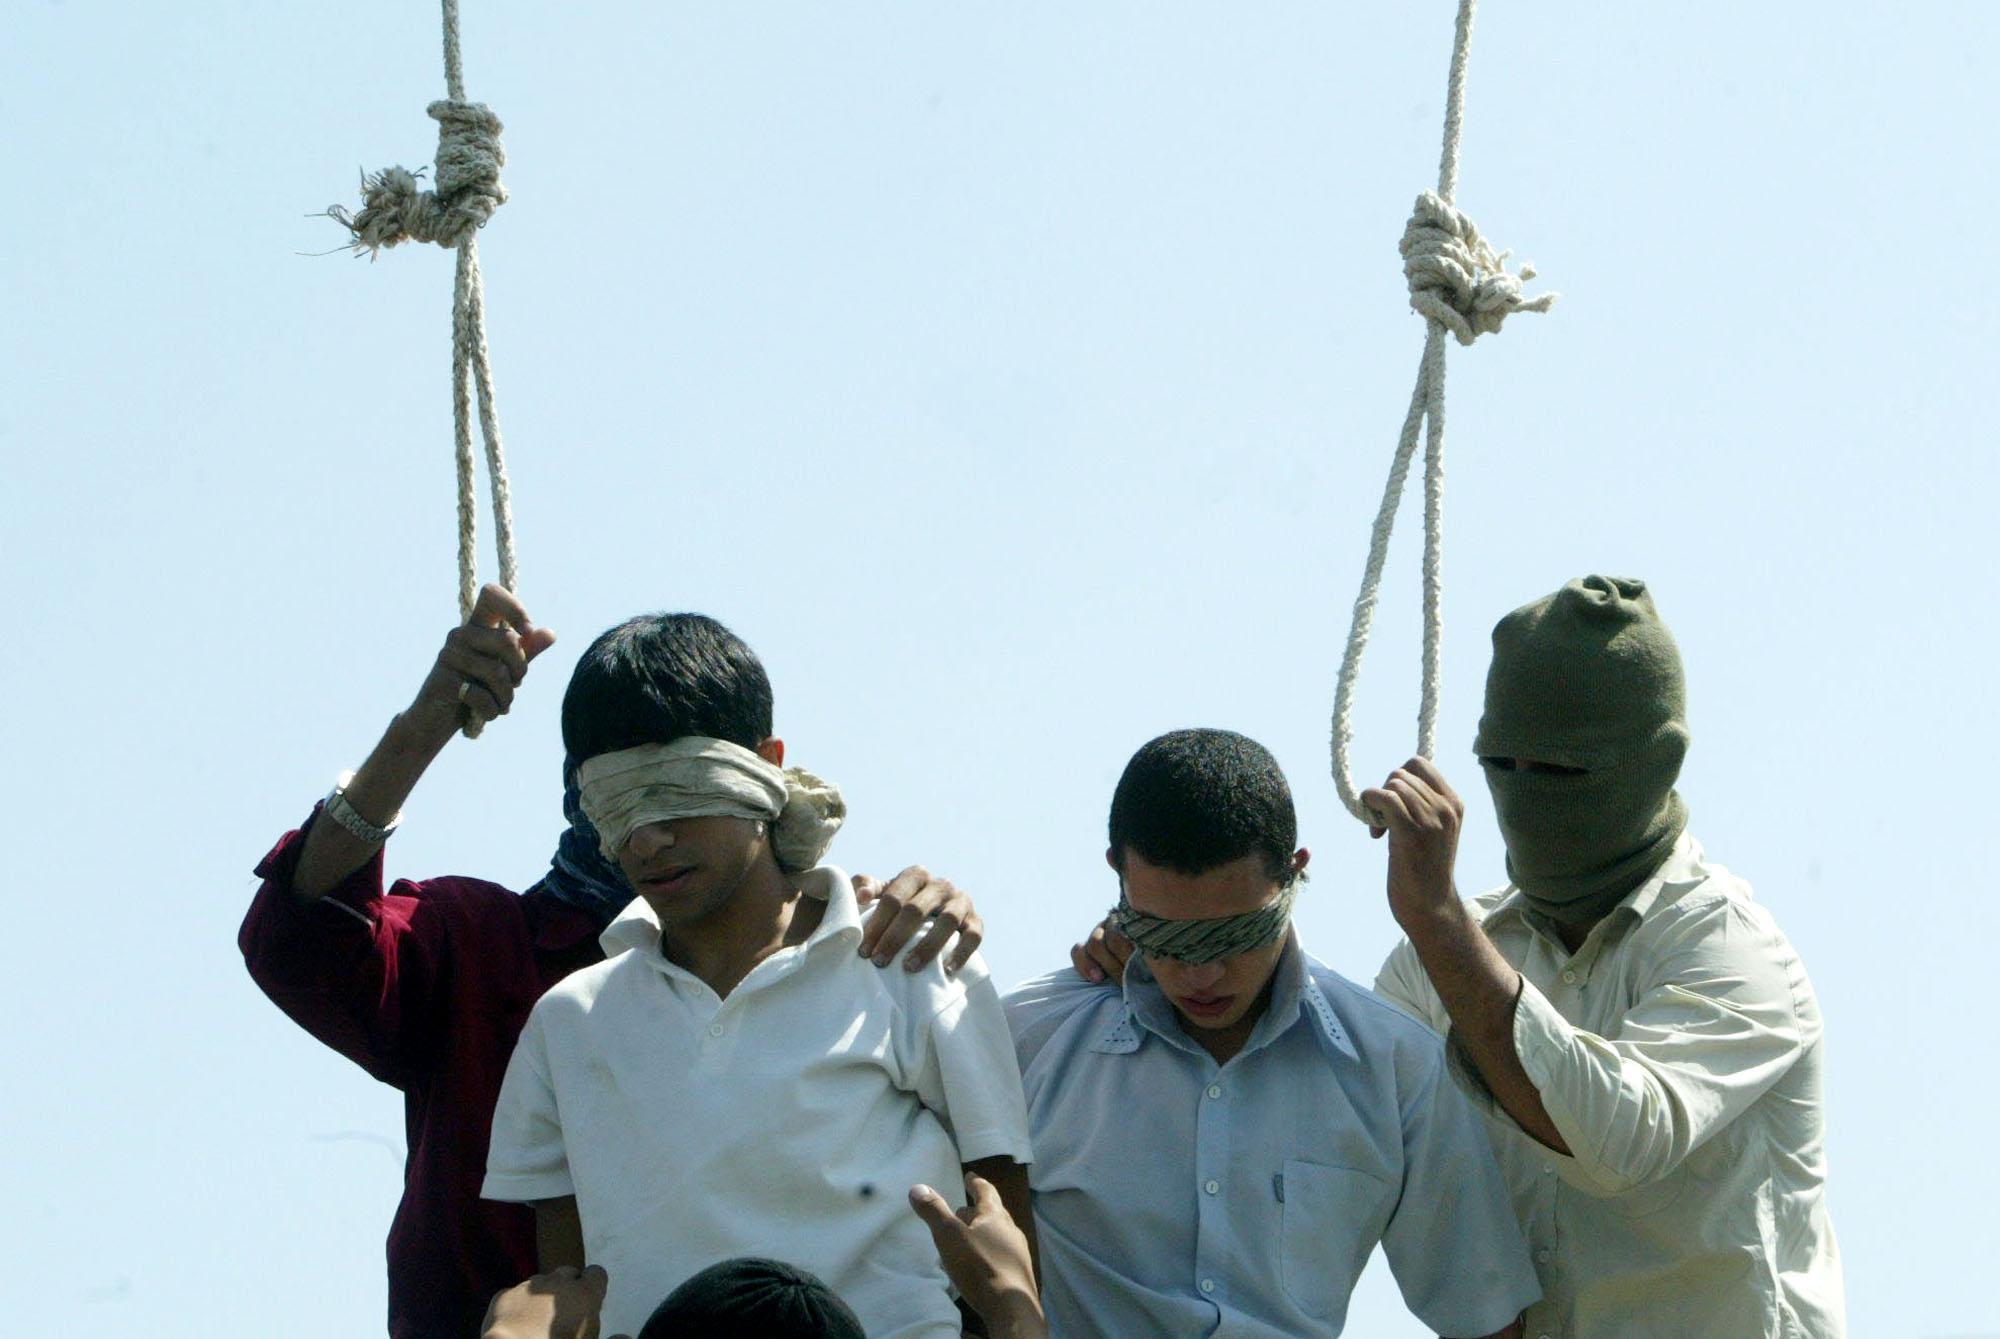 iran-hanging-07_23_2005.jpg